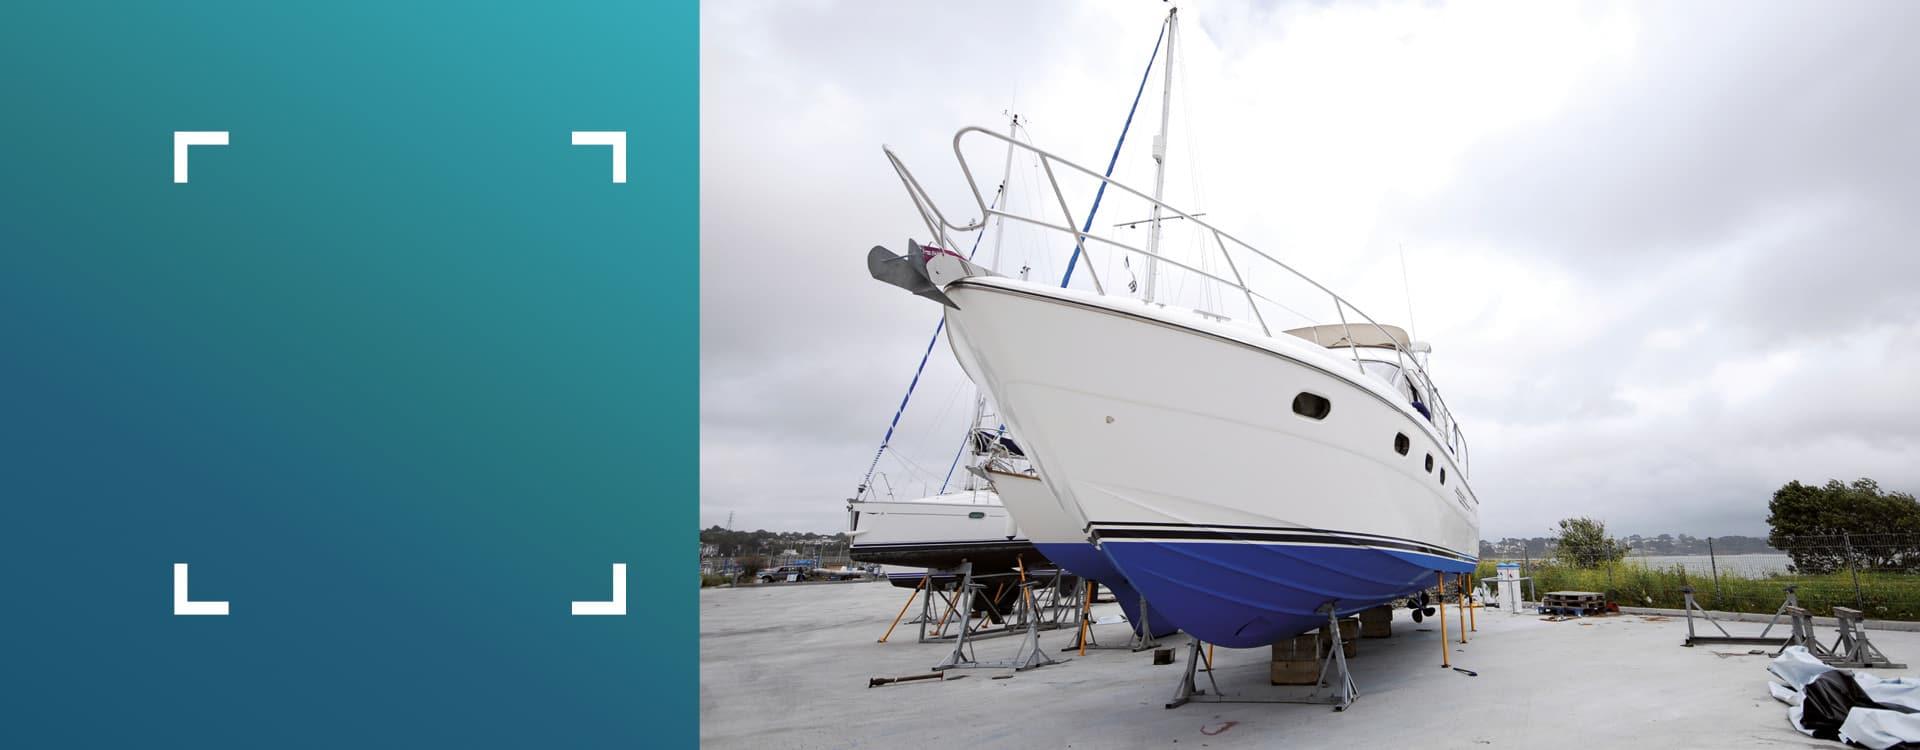 slide conseils d'expert - nautisme appliquer une résine sur une coque de bateau